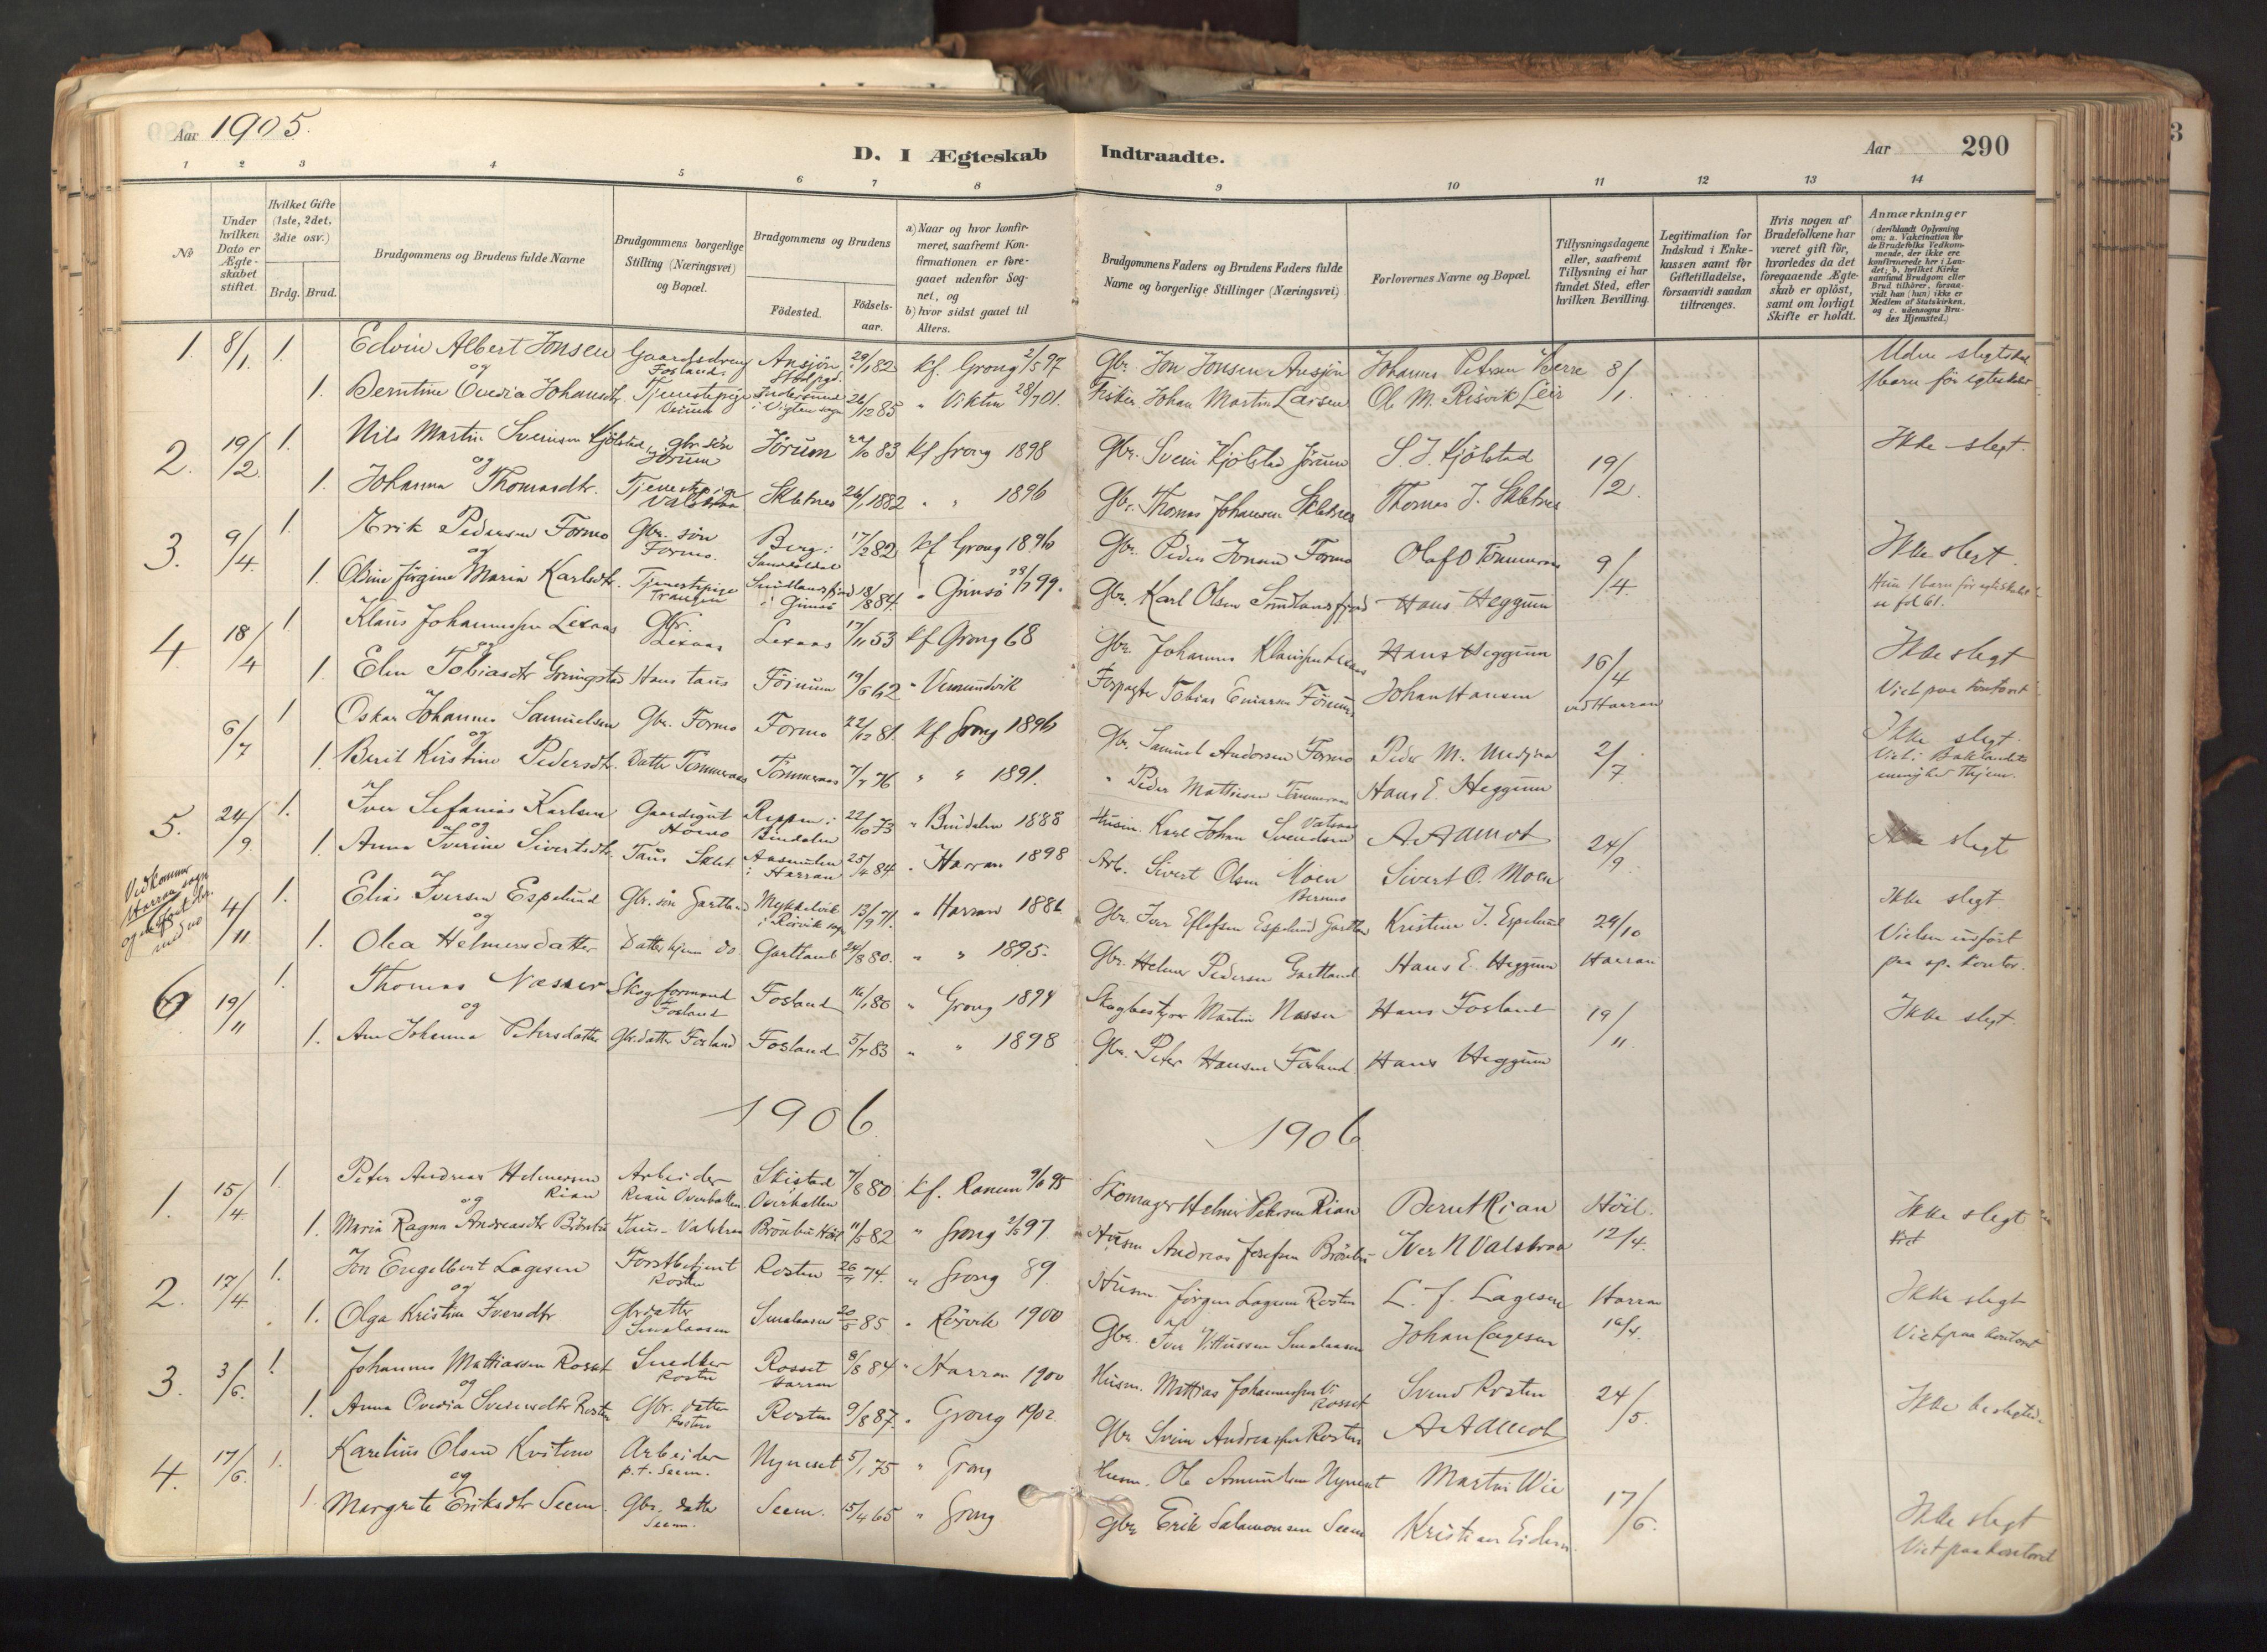 SAT, Ministerialprotokoller, klokkerbøker og fødselsregistre - Nord-Trøndelag, 758/L0519: Ministerialbok nr. 758A04, 1880-1926, s. 290